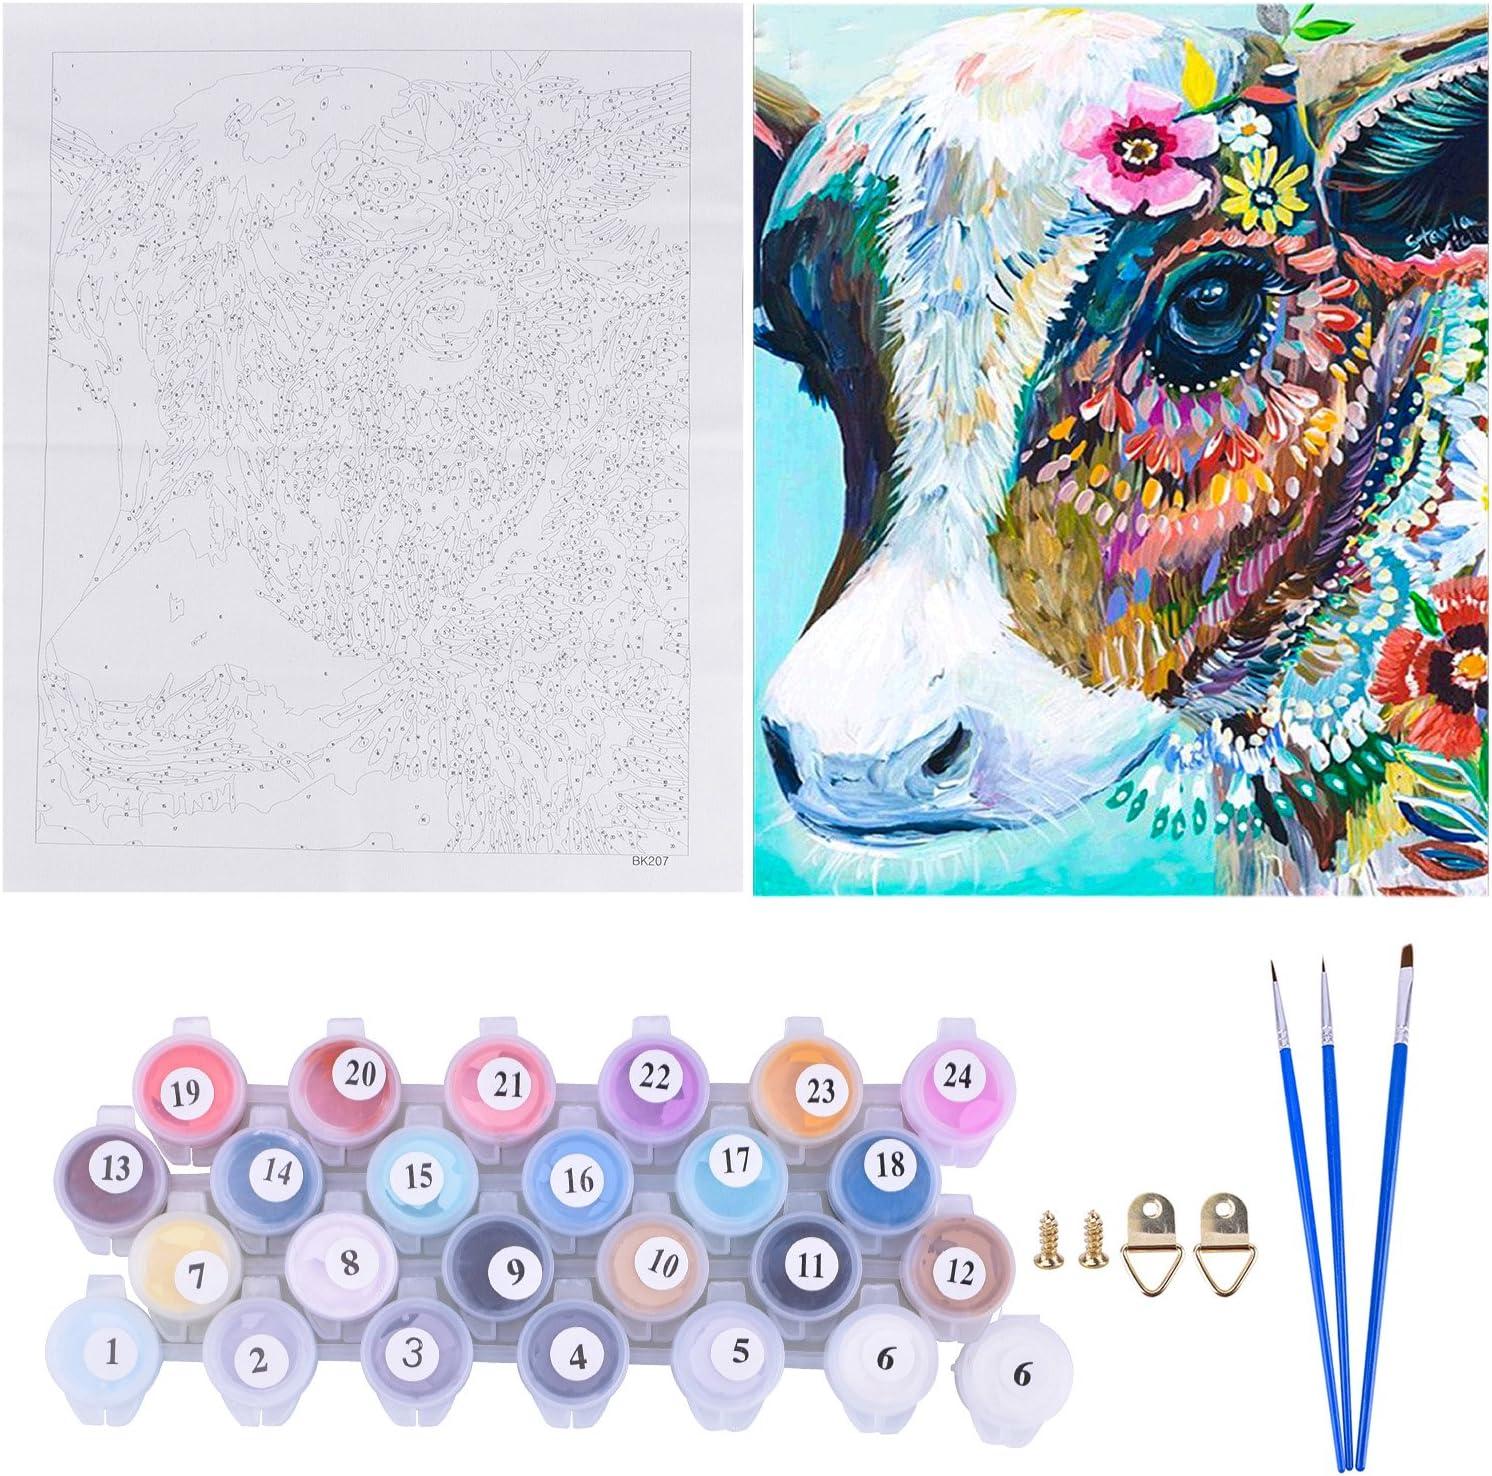 peinture par nombre de kits pour adultes enfants Nuit,08346 LhiverFR DIY Peinture /à lhuile num/érique sans cadre